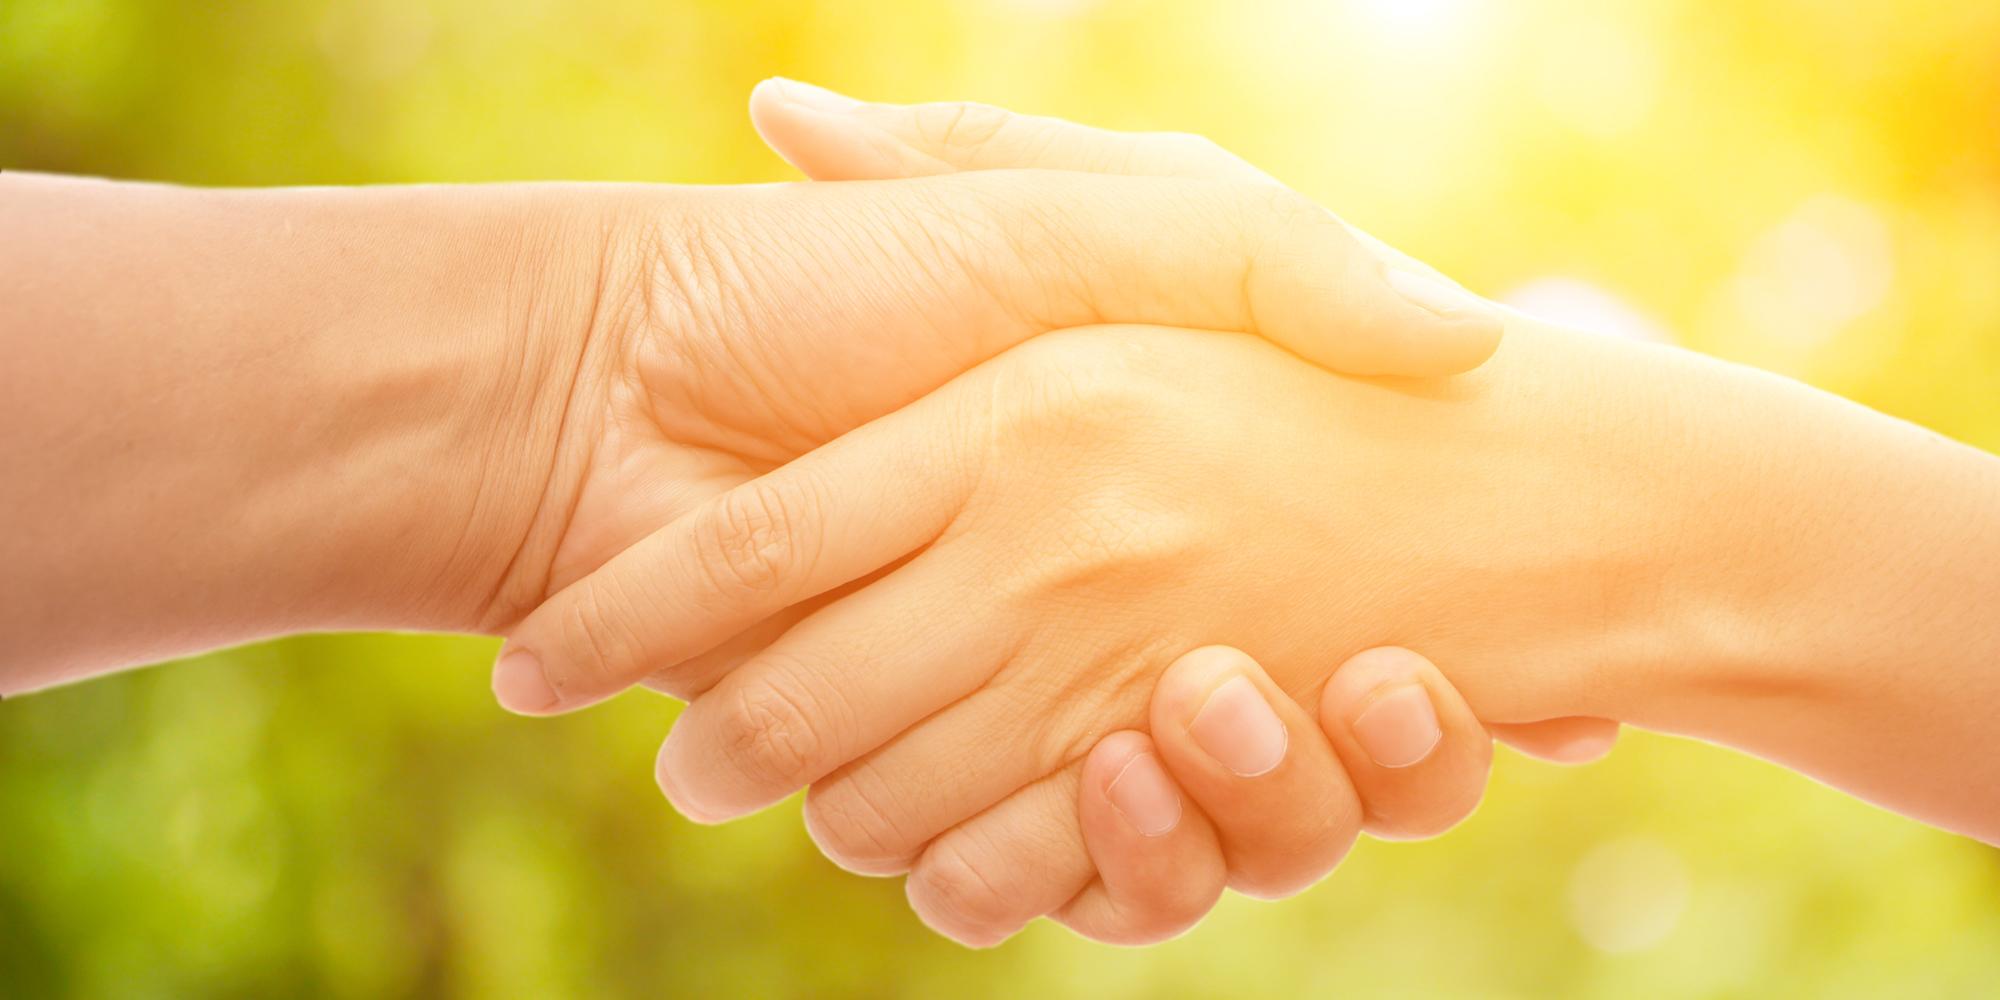 bild som symboliserar hopp med kvinnohänder som möts